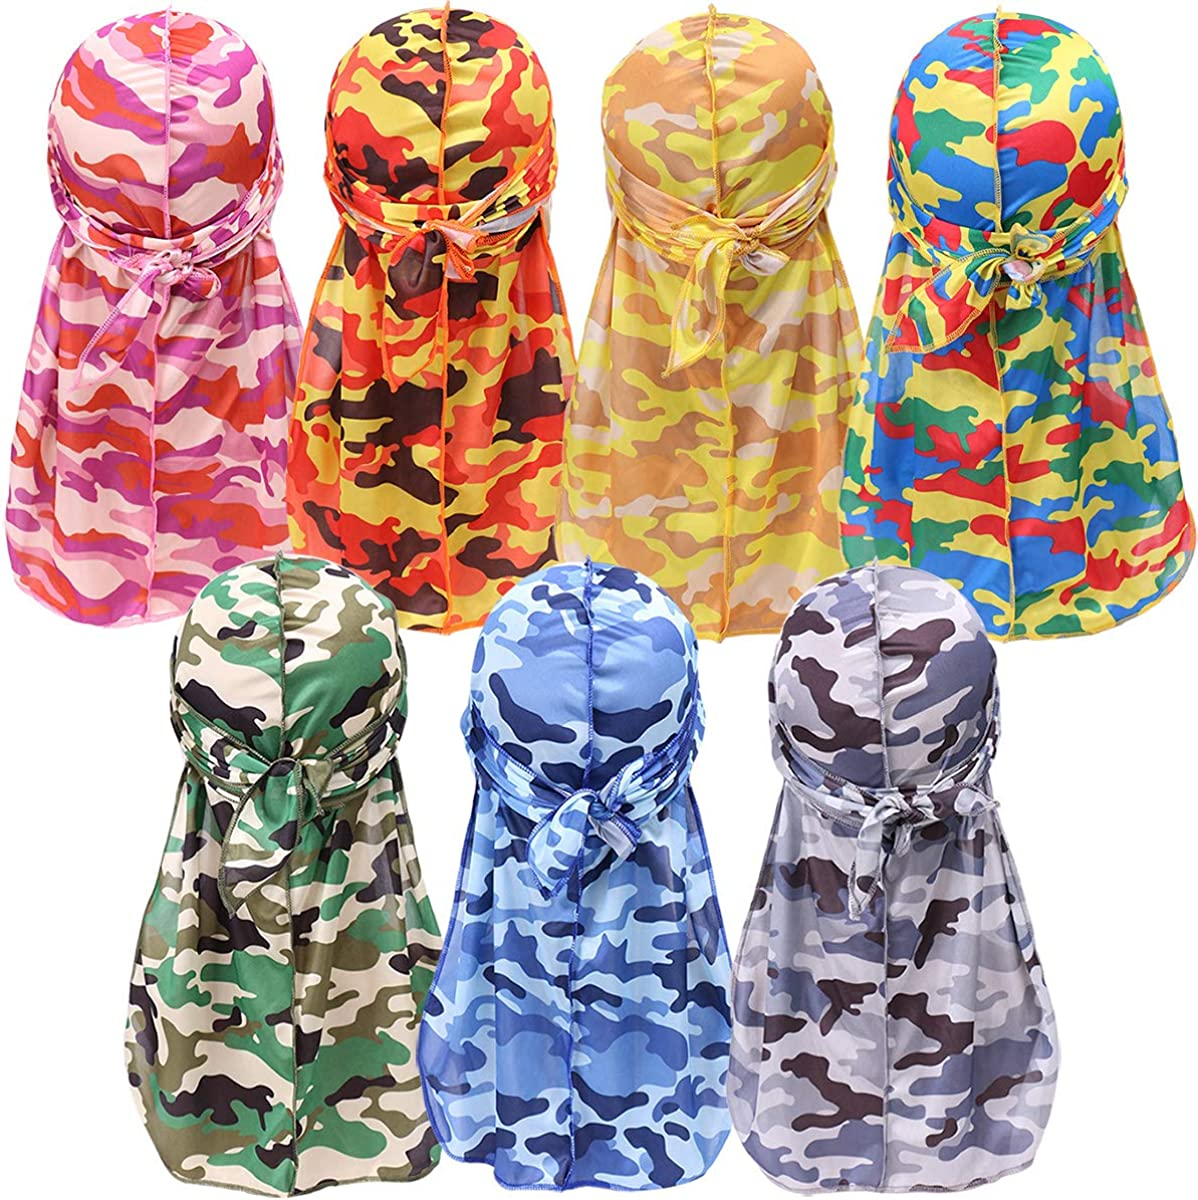 YI HENG MEI Two-Colors Block Silky Durag,2PCS//3PCS Bandana Camo Durag for 360,540,720 Waves